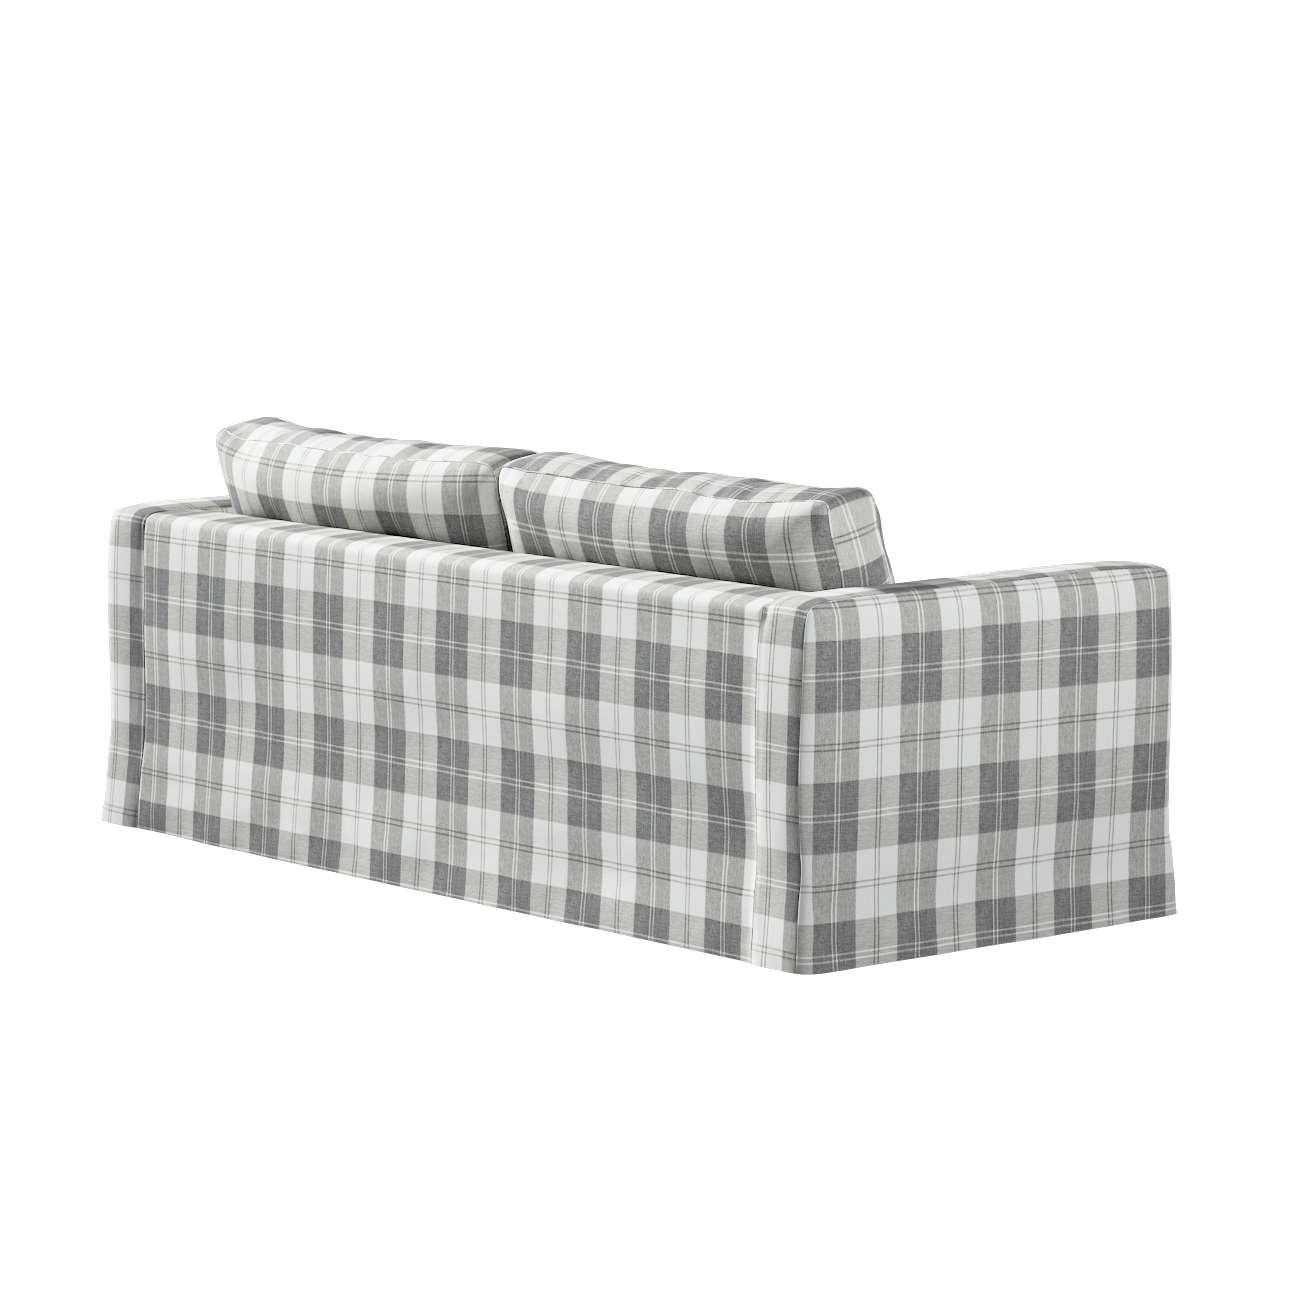 Potah na pohovku IKEA  Karlstad 3-místná, nerozkládací, dlouhý v kolekci Edinburgh, látka: 115-79